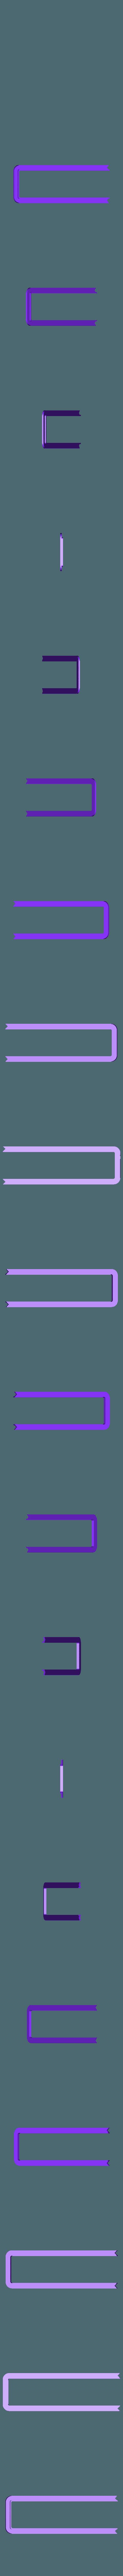 PaperSlot_Bottom1.stl Download free STL file Paper Slot for letterboxes • 3D printer design, Lau85